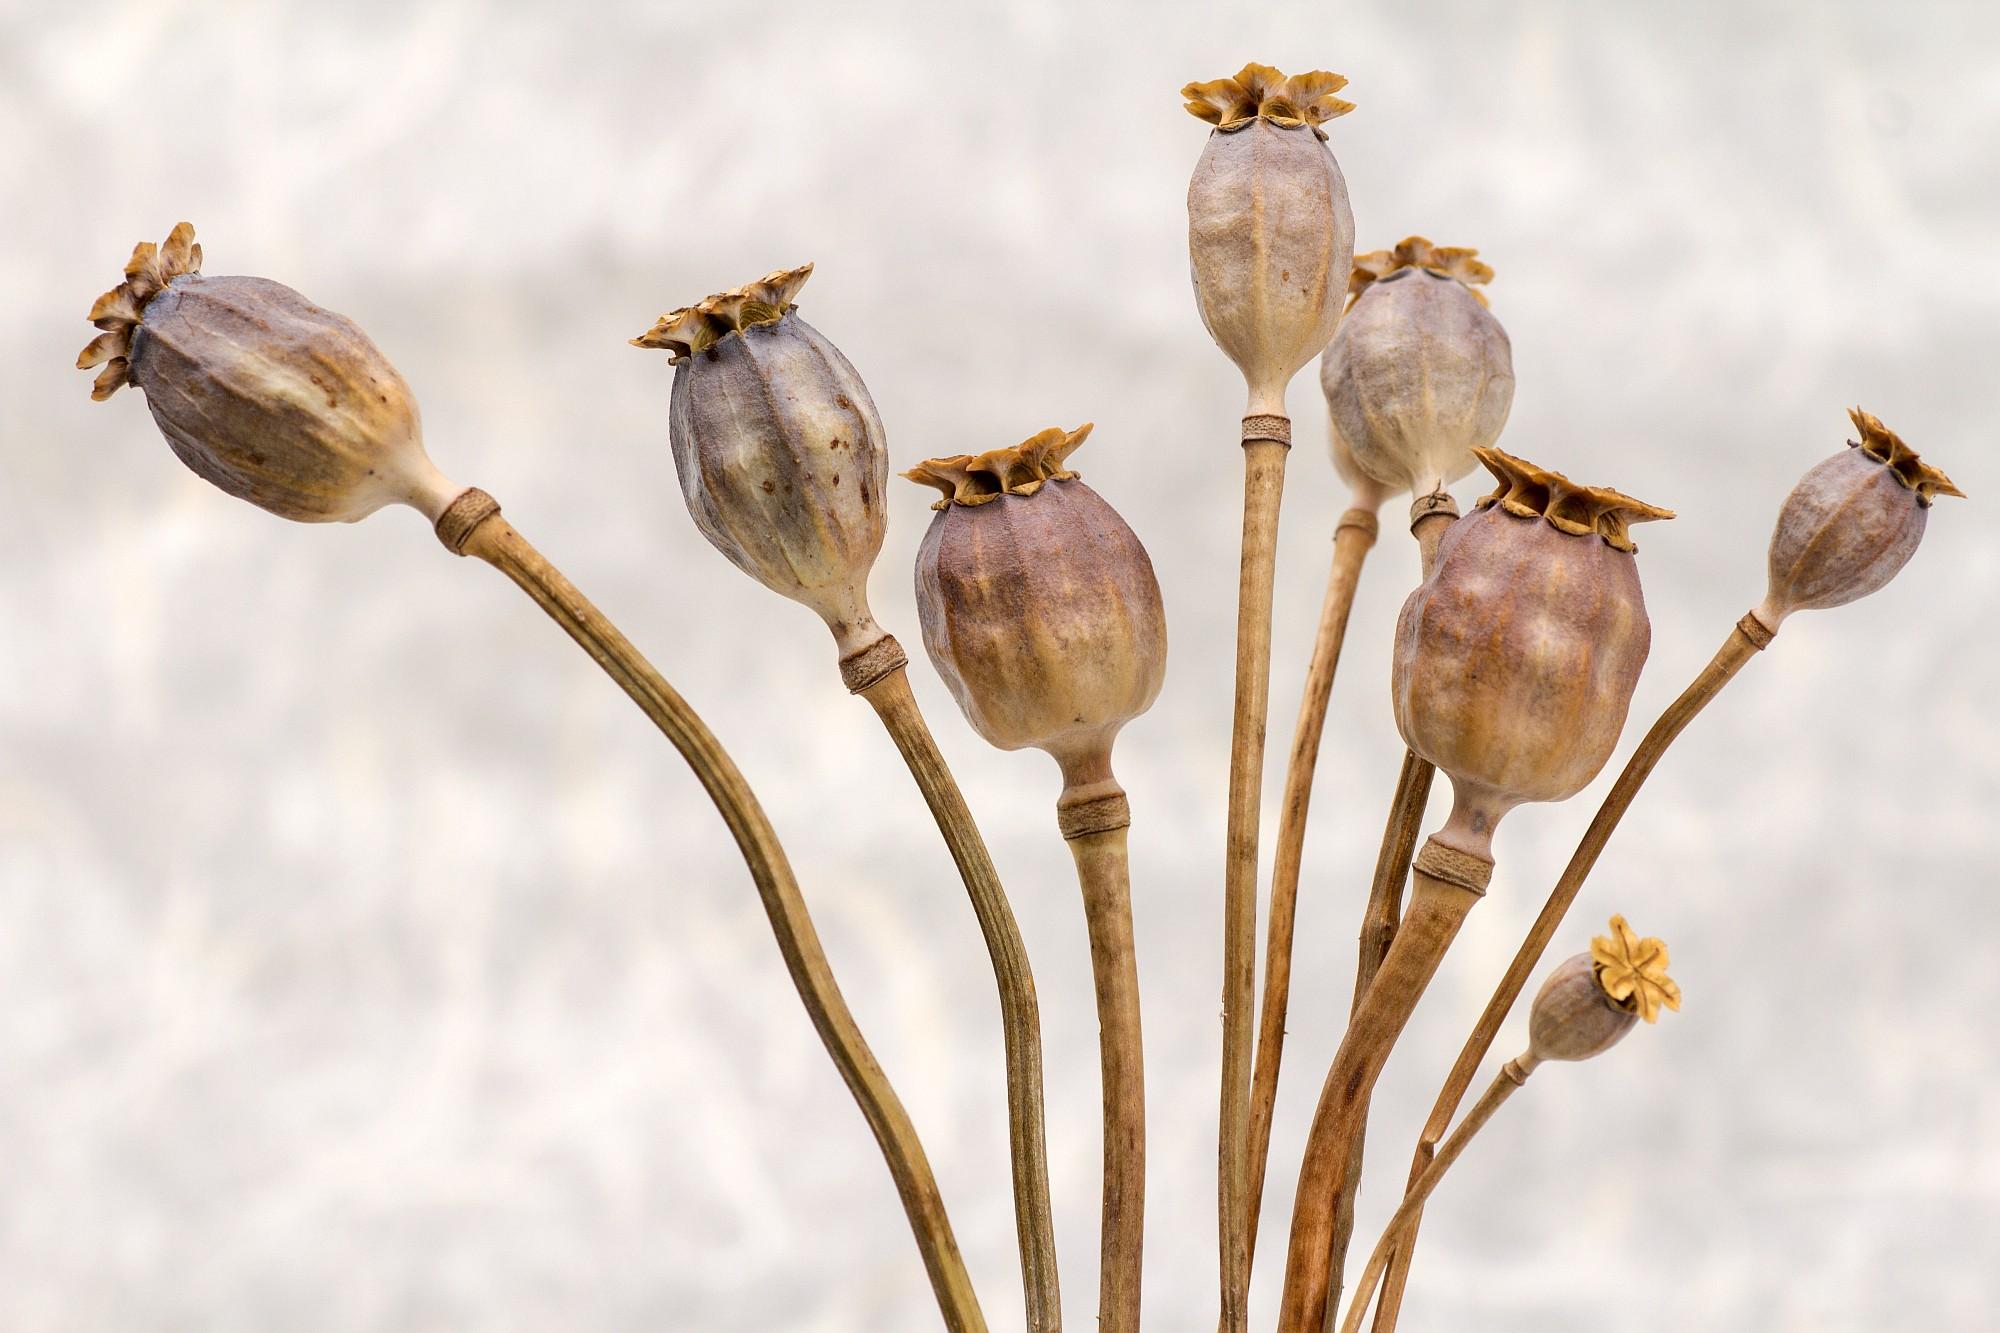 Suroviny pro pekaře a cukráře zejména ořechy, semena a sušené ovoce